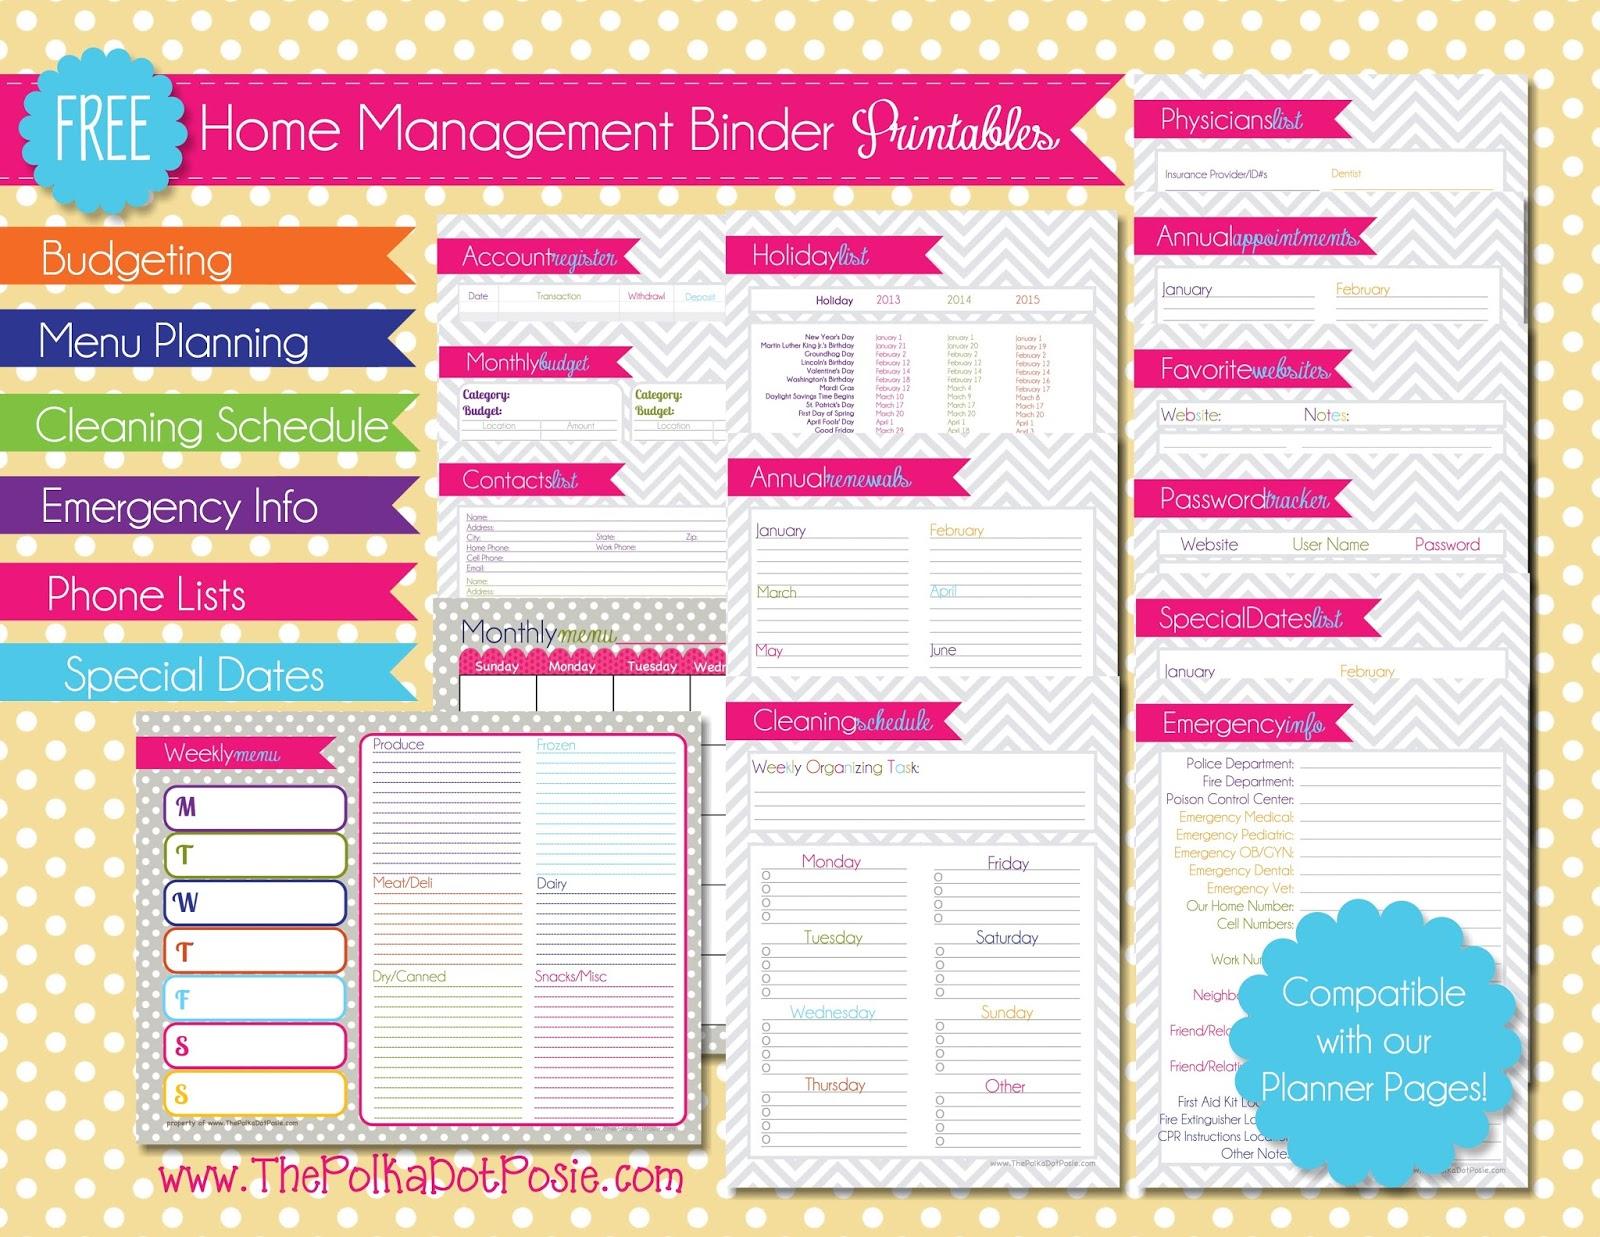 Free Printables For Home Management Binder